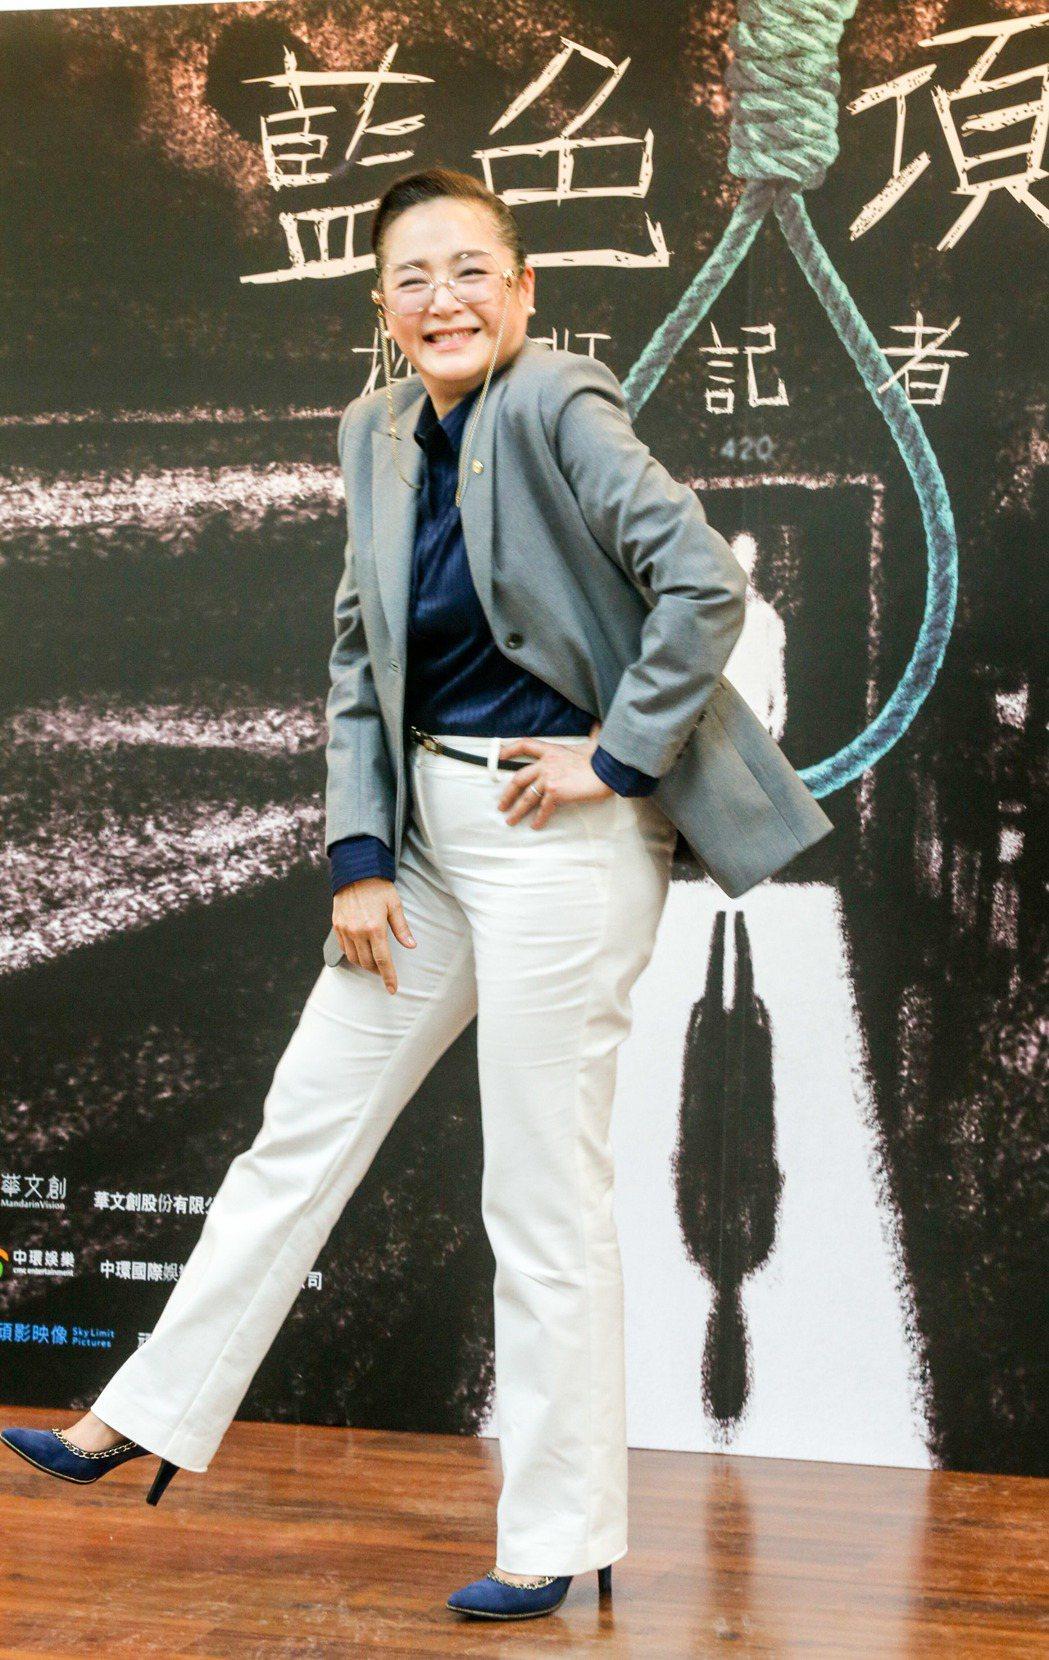 電影《藍色項圈》劇組在台師大林口校區舉行媒體探班記者會,恬妞表示,連日在豔陽下拍...